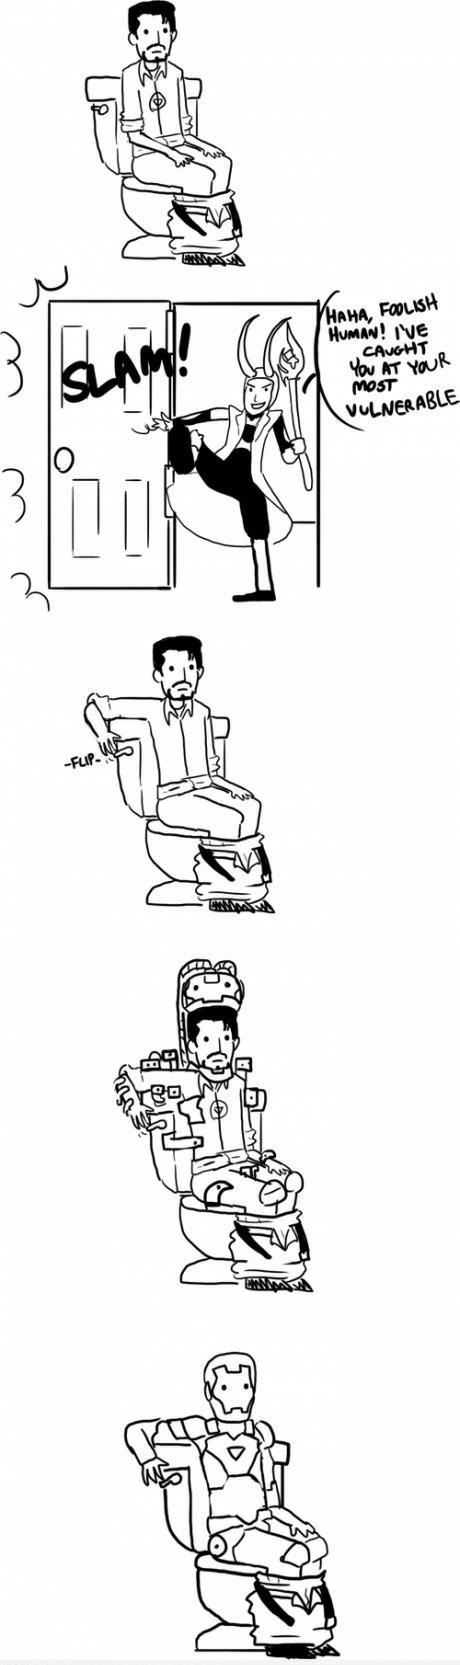 Tony Stark and Loki Hot XXX. 1 2 3 4 5. Tony Stark and Loki Hot XXX 1 2 3 4 5